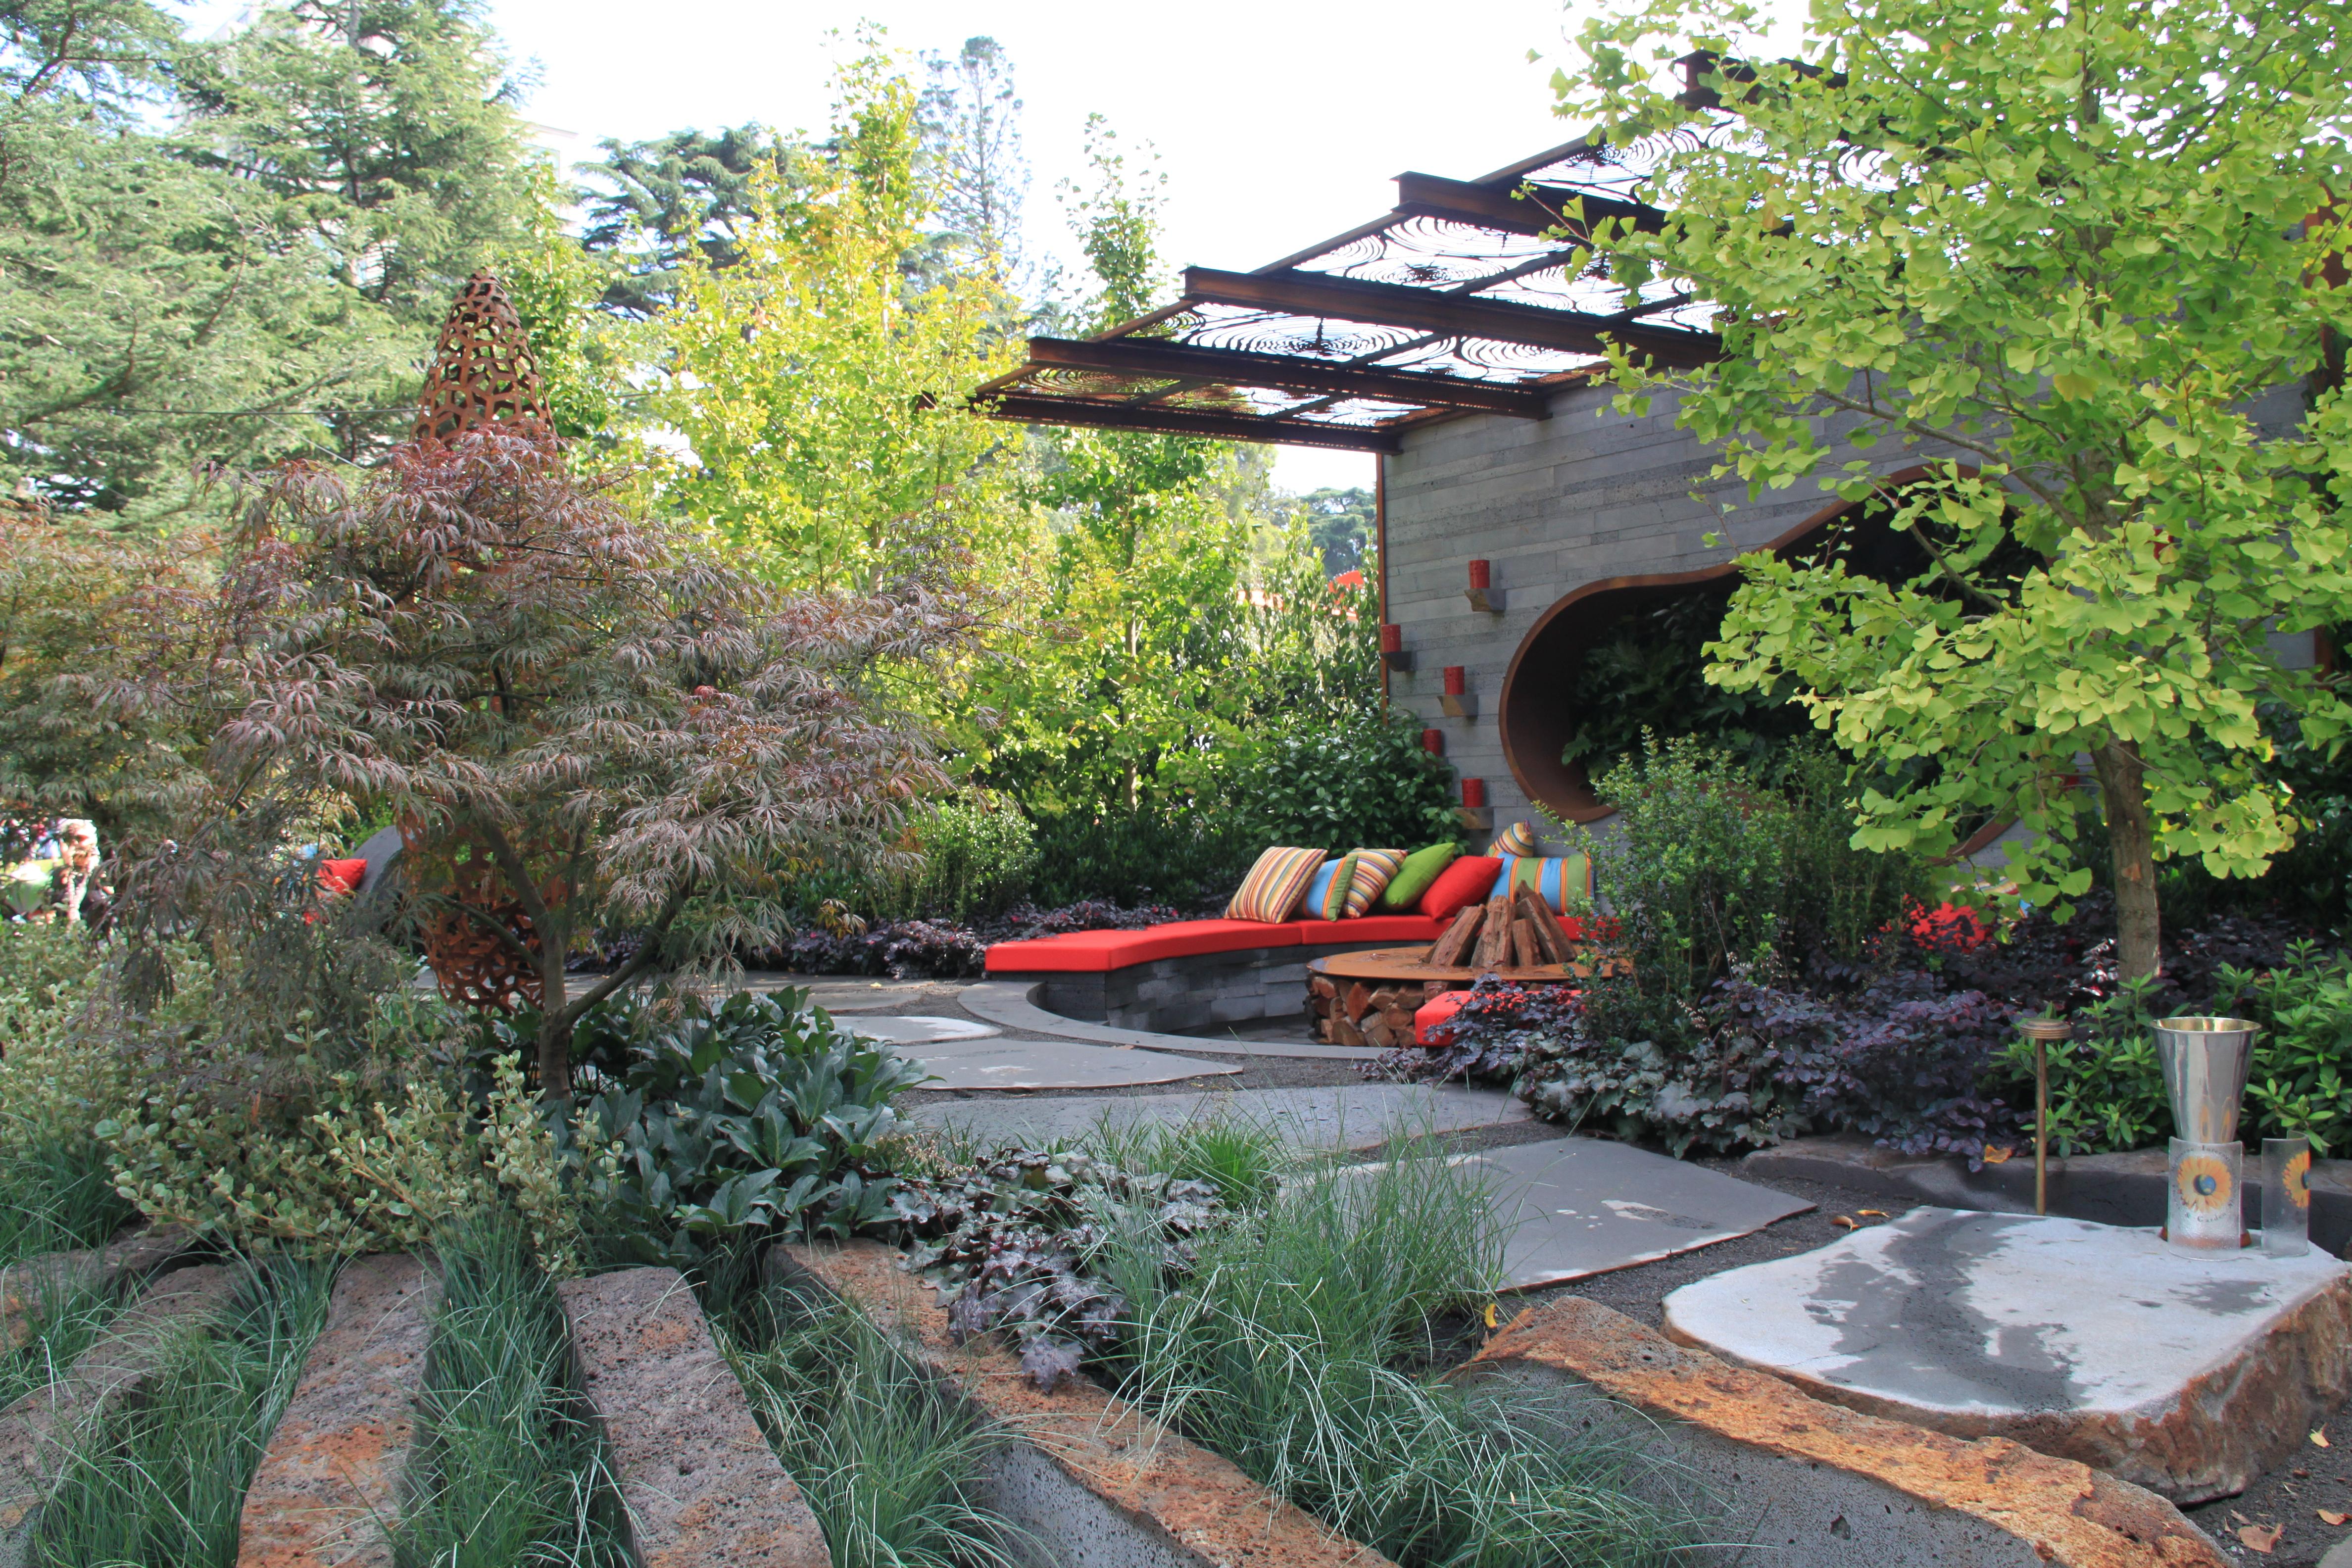 Melbourne Garden Show 2014 - Janna Schreier Garden Design